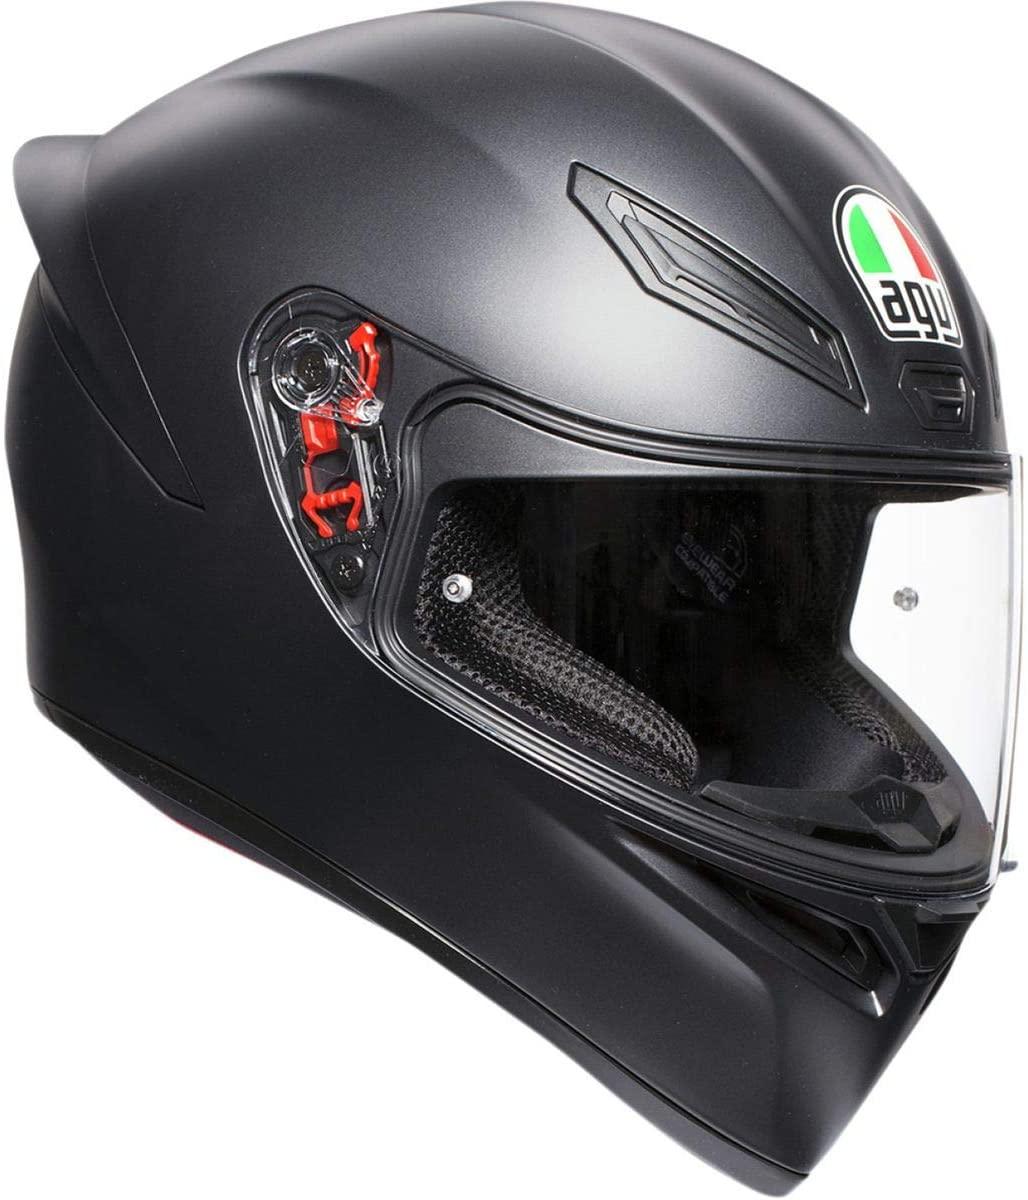 AGV Unisex-Adult Full Face K-1 Motorcycle Helmet (Matte Black, XX-Large)